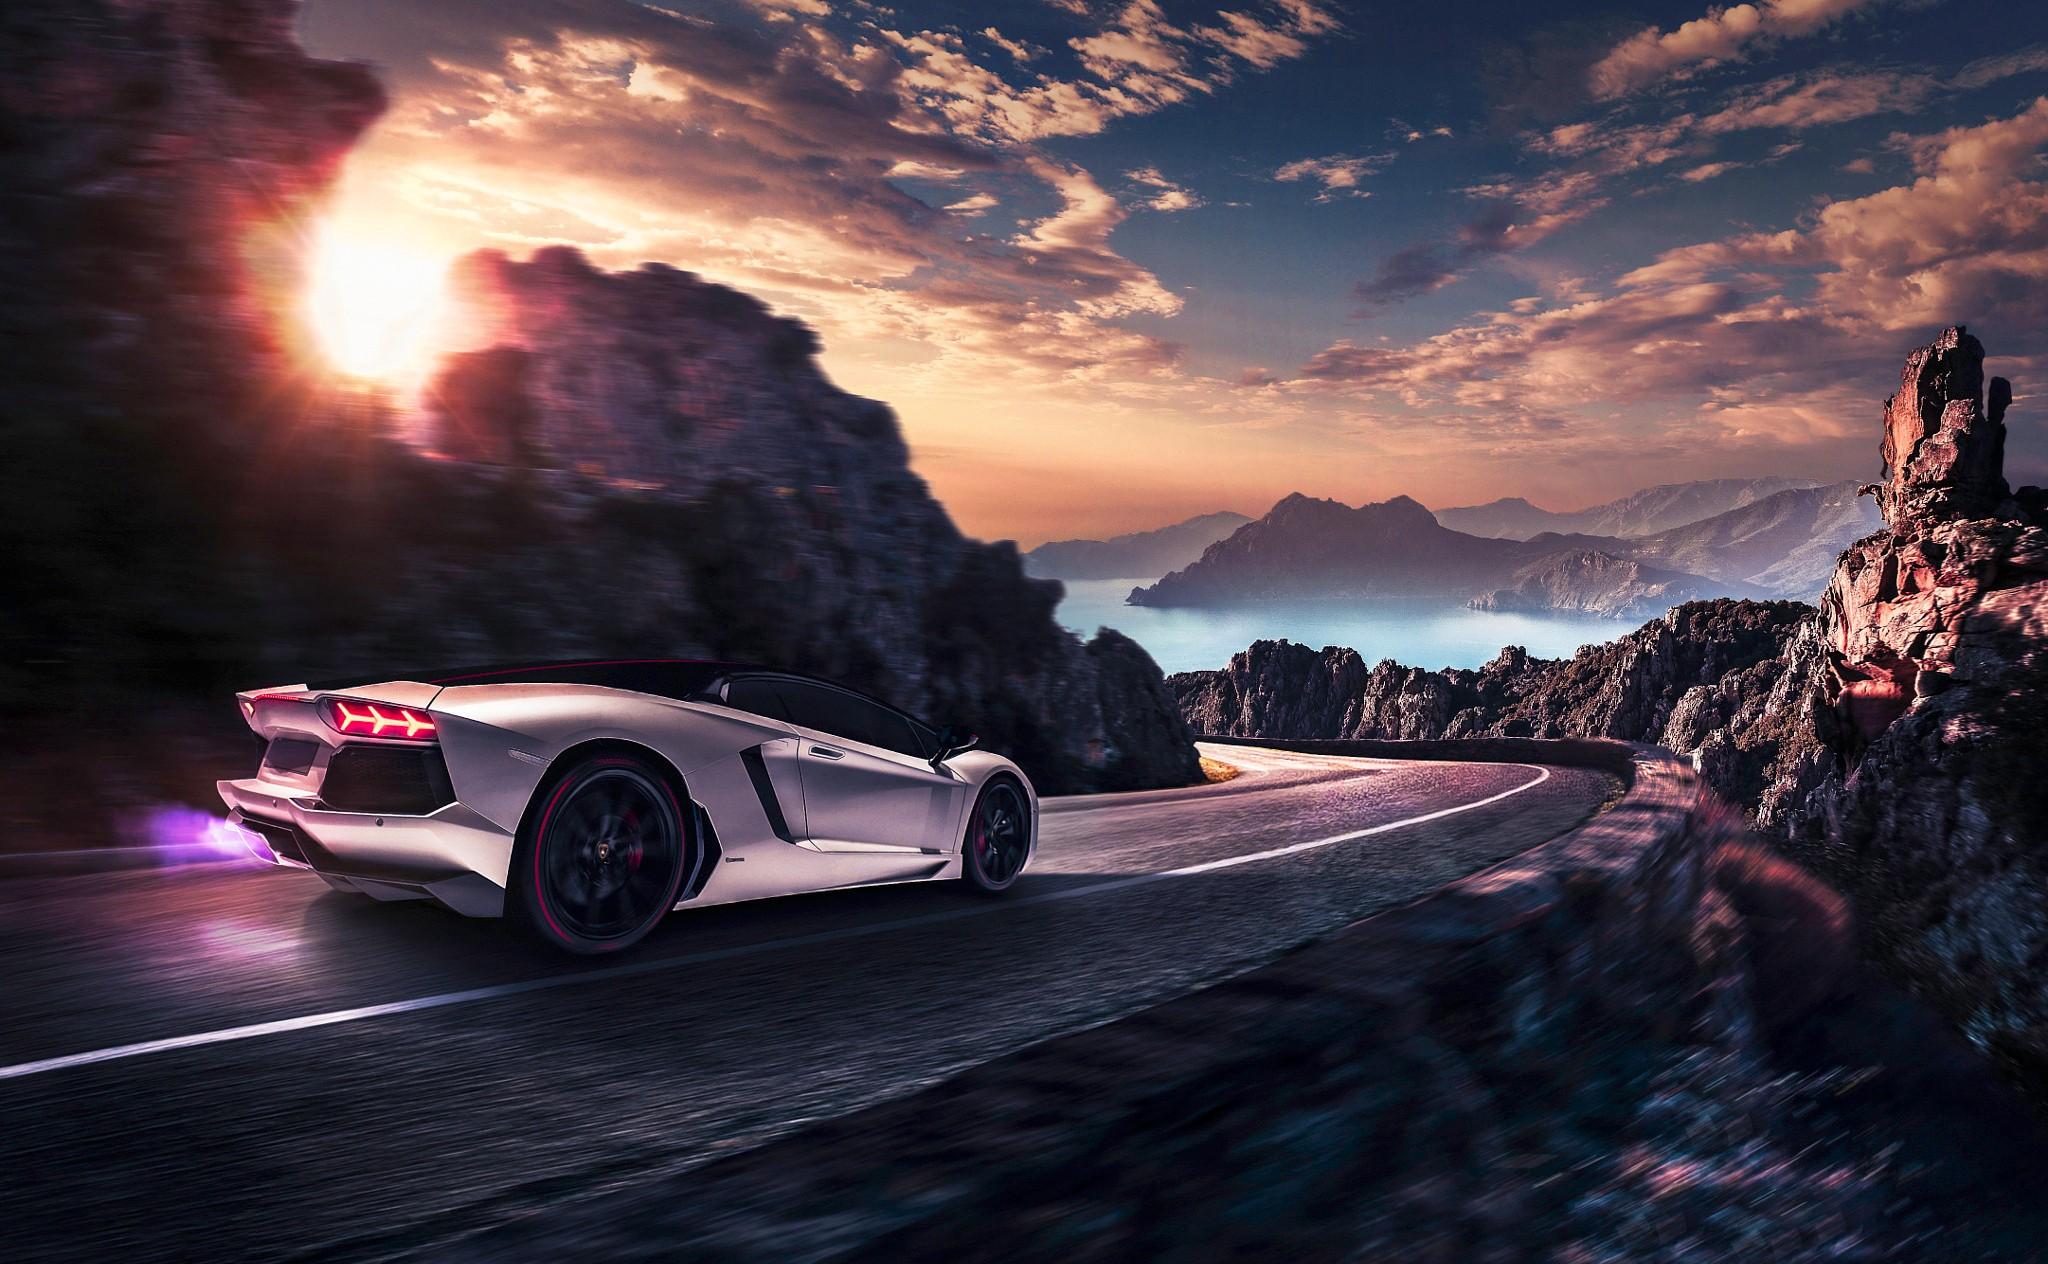 Hình nền : xe hơi, Xe, đường, Tác phẩm nghệ thuật, Lamborghini, xe thể thao, Chuyển động mờ, Siêu xe, Ảnh chụp màn hình, Hình nền máy tính, Thiết kế ô tô, ...